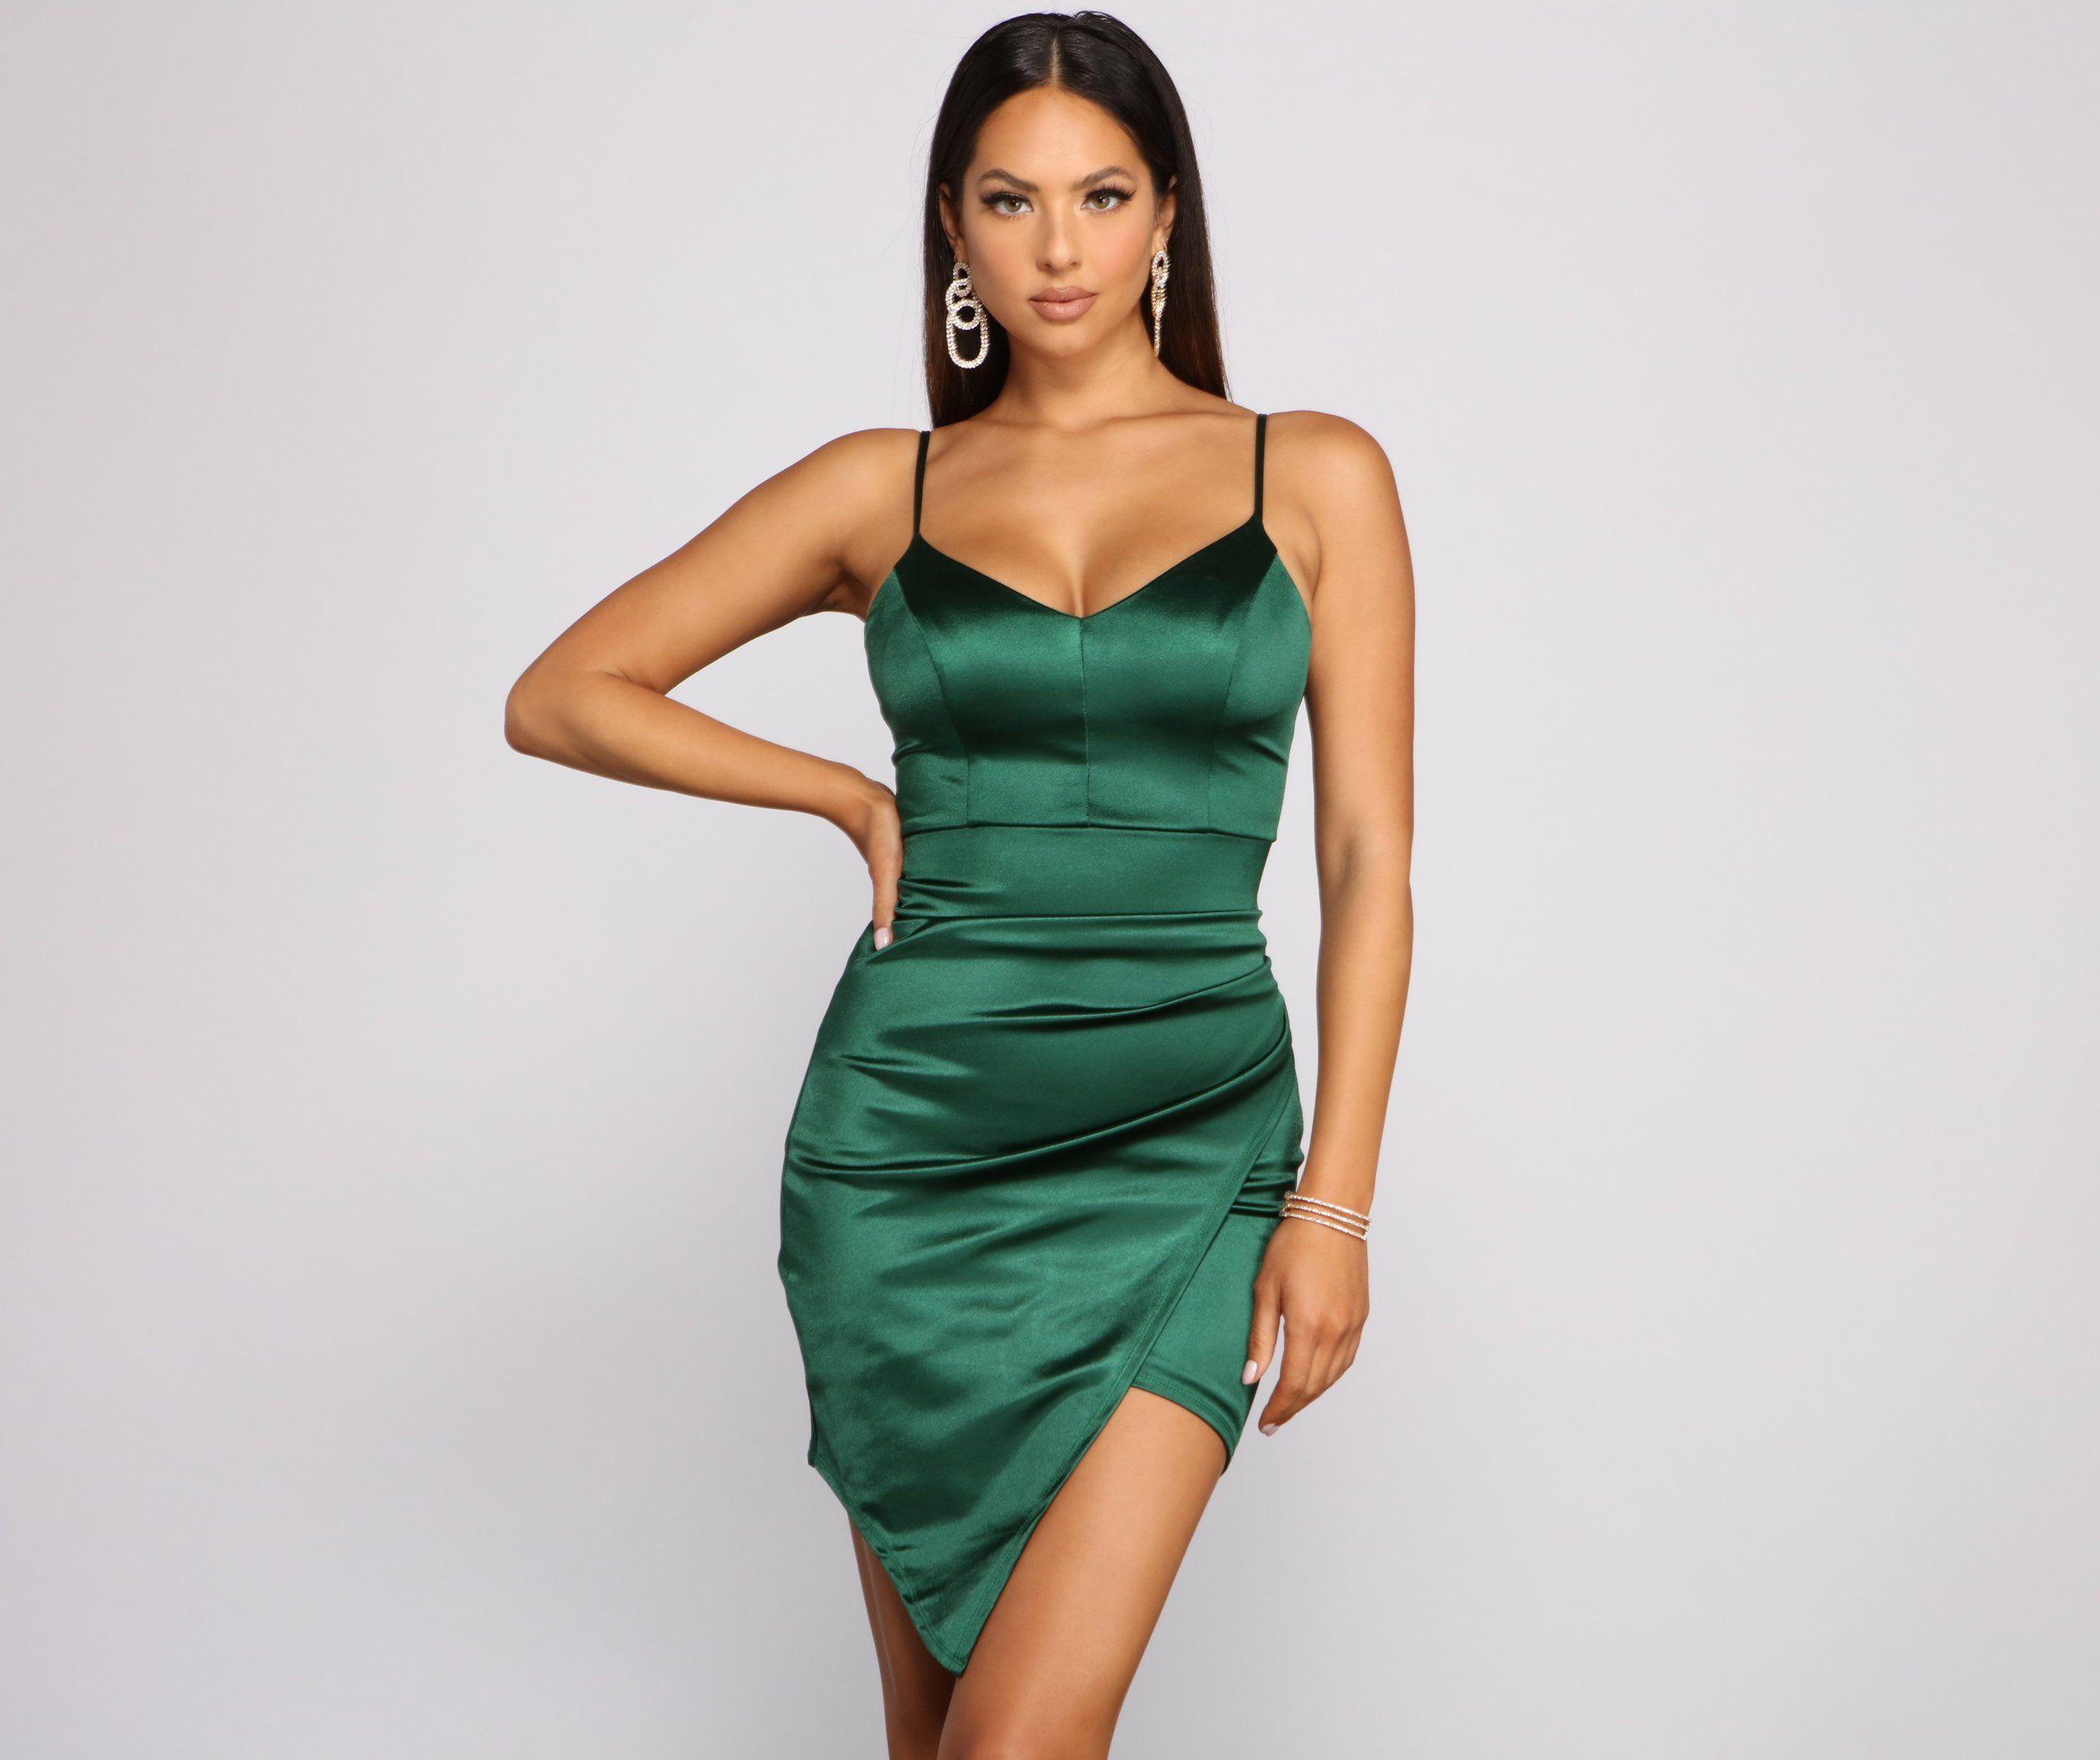 So Sleek Ruched Satin Mini Dress In 2021 Green Satin Dress Mini Dress Short Green Dress [ 2145 x 2560 Pixel ]